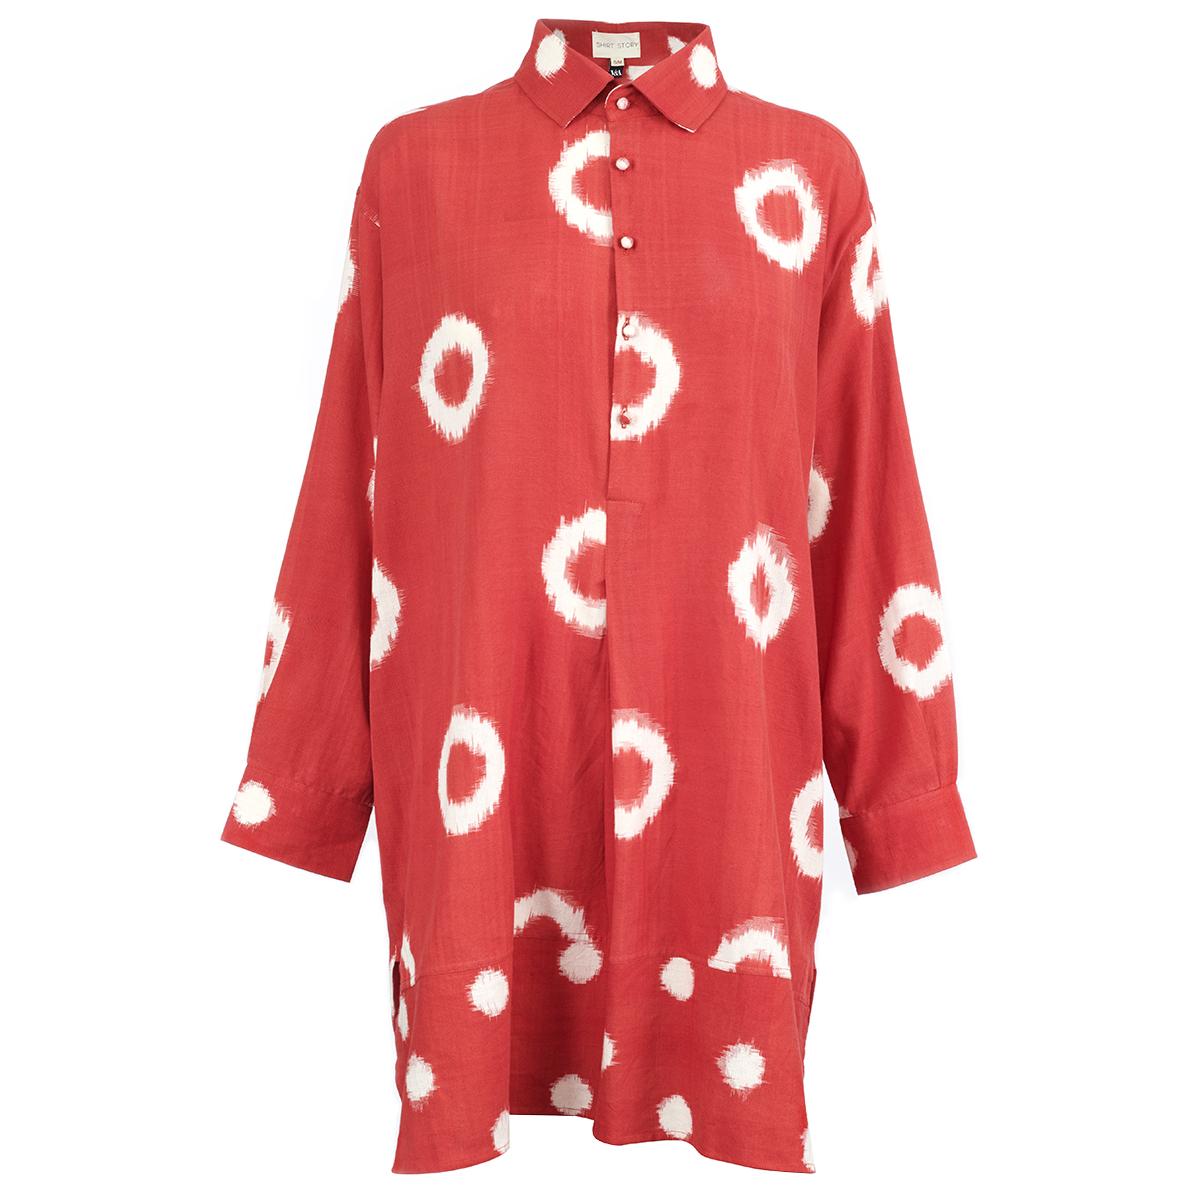 Ikat shirt by Susan Benn